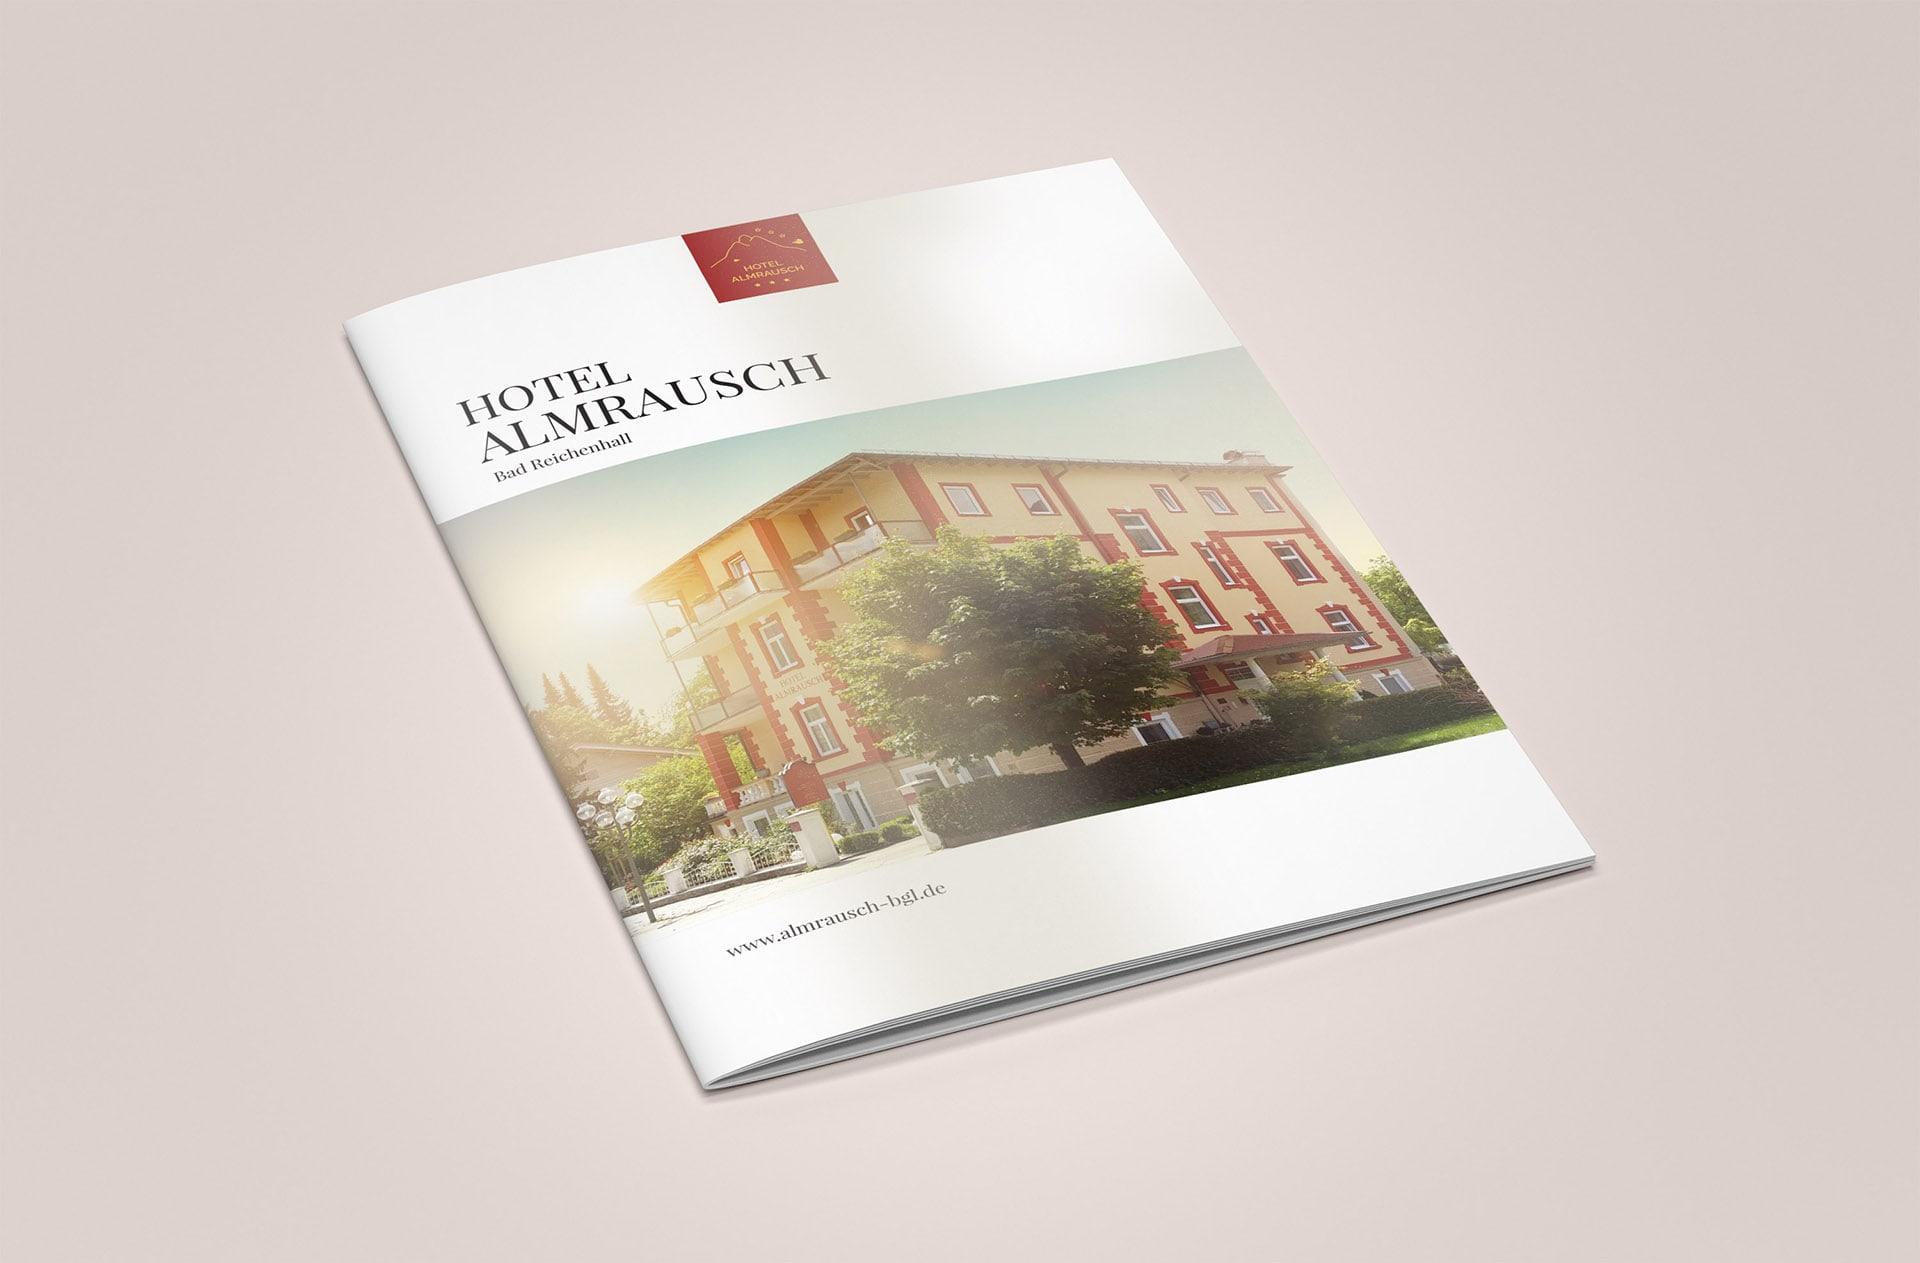 minuteman's Portfolio - Printdesign für das Hotel Almrausch in Bad Reichenhall - Hochglanz Broschüre Cover